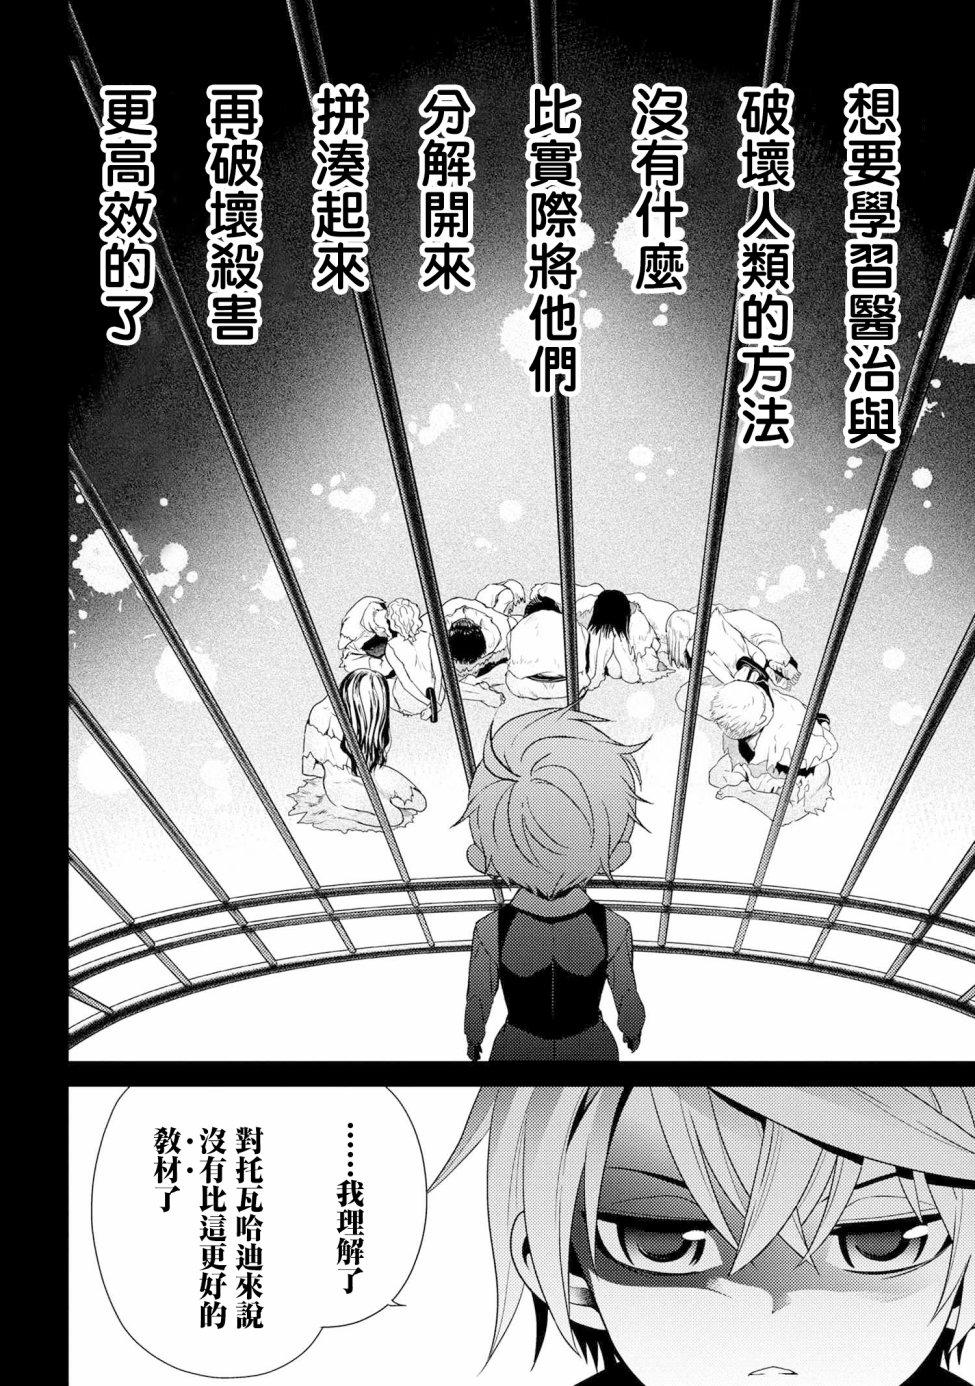 世界最強暗殺者轉生成異世界貴族: 02話 - 第10页